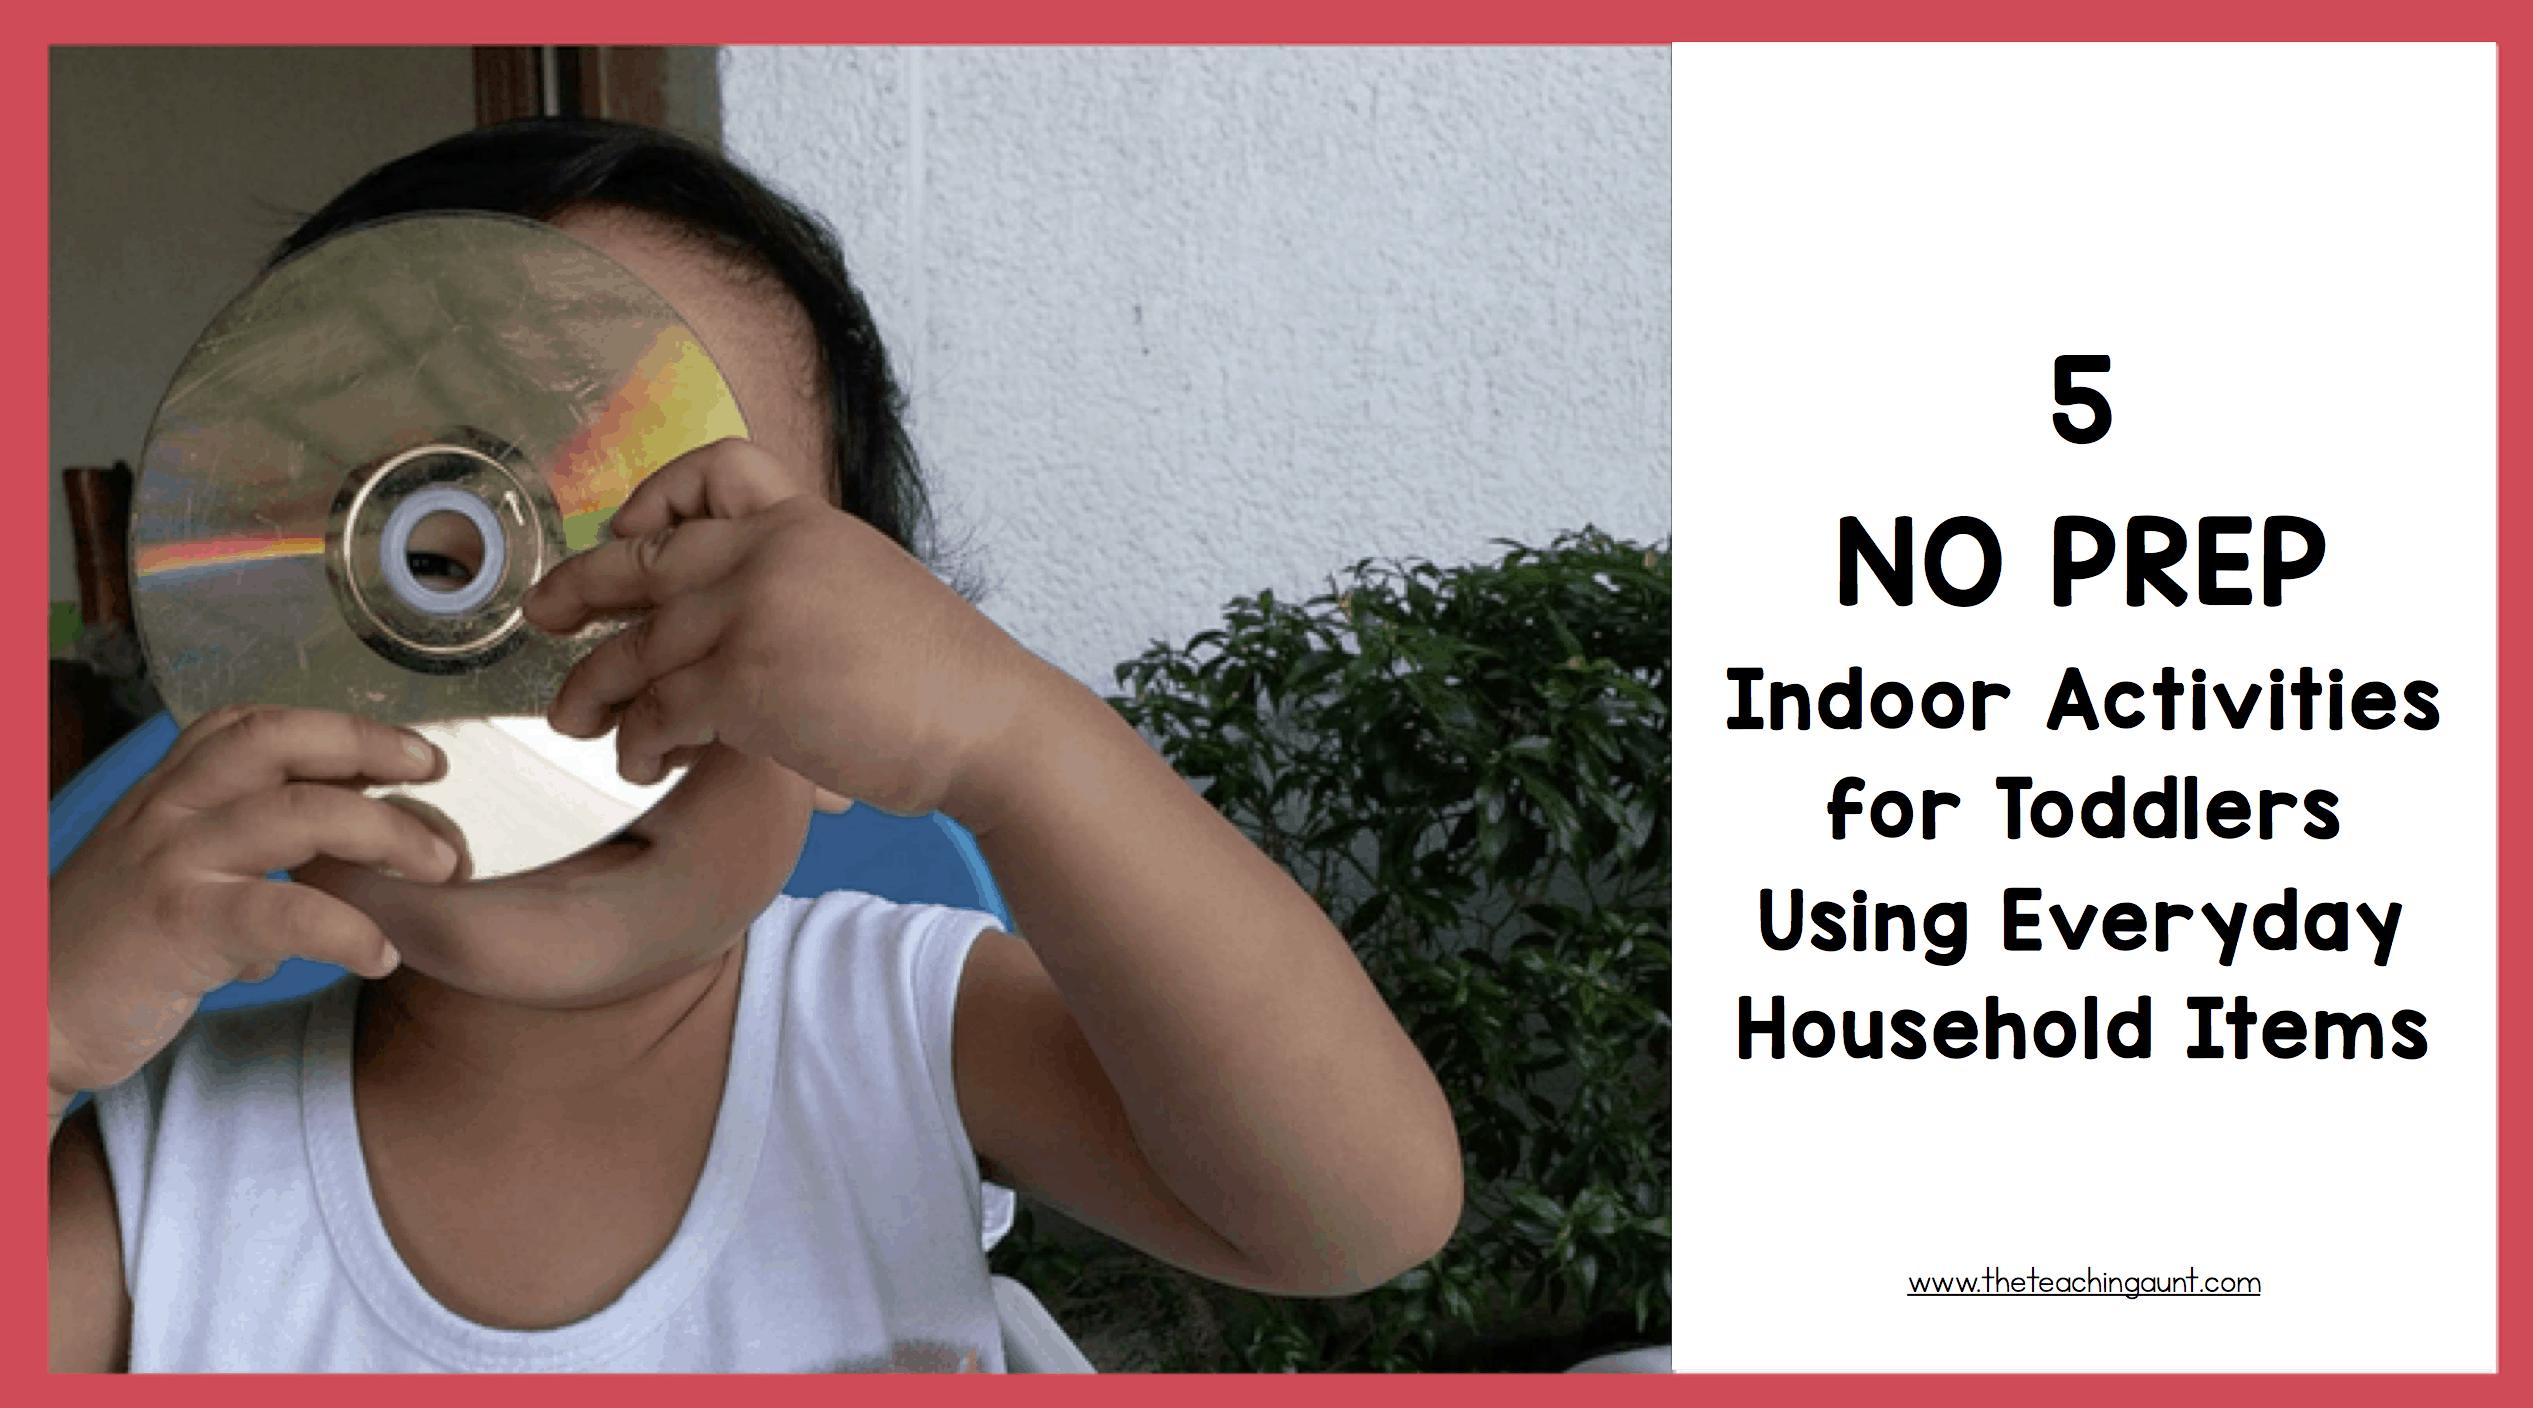 5 NO PREP Indoor Activities for Toddlers